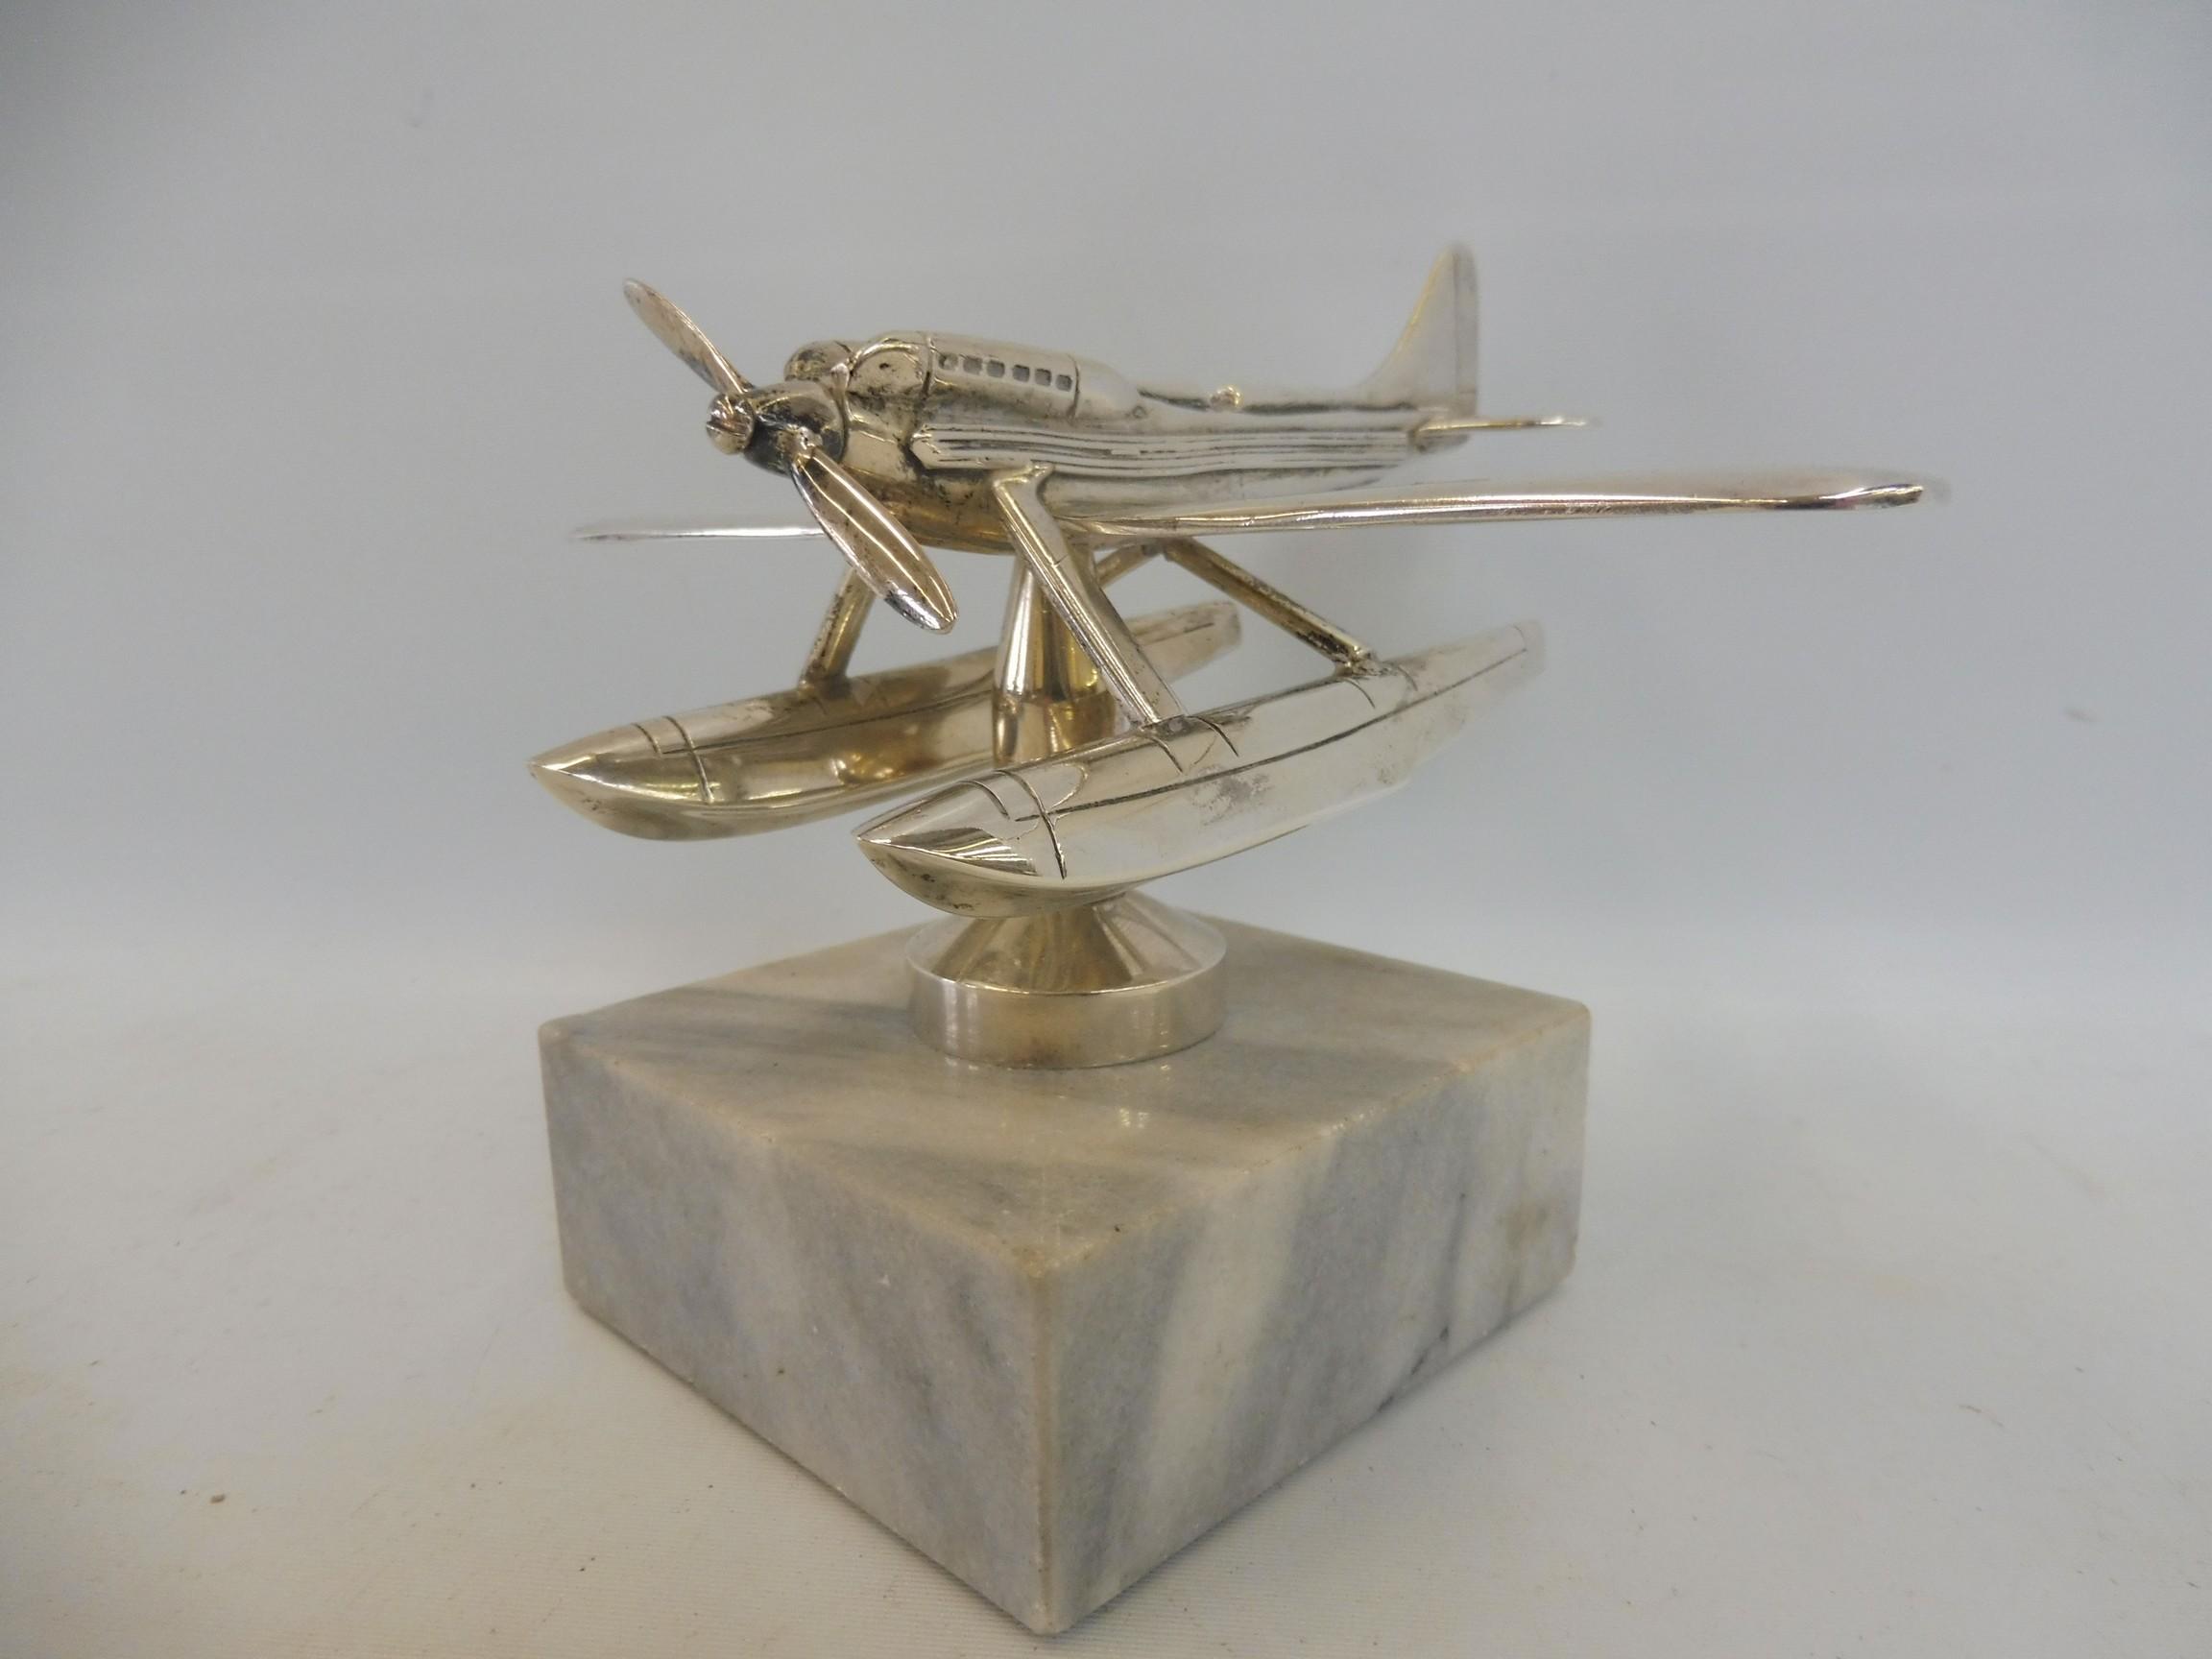 A Schneider Trophy seaplane supermarine mascot, nickel plated, inscribed 'Rolls-Royce' under one